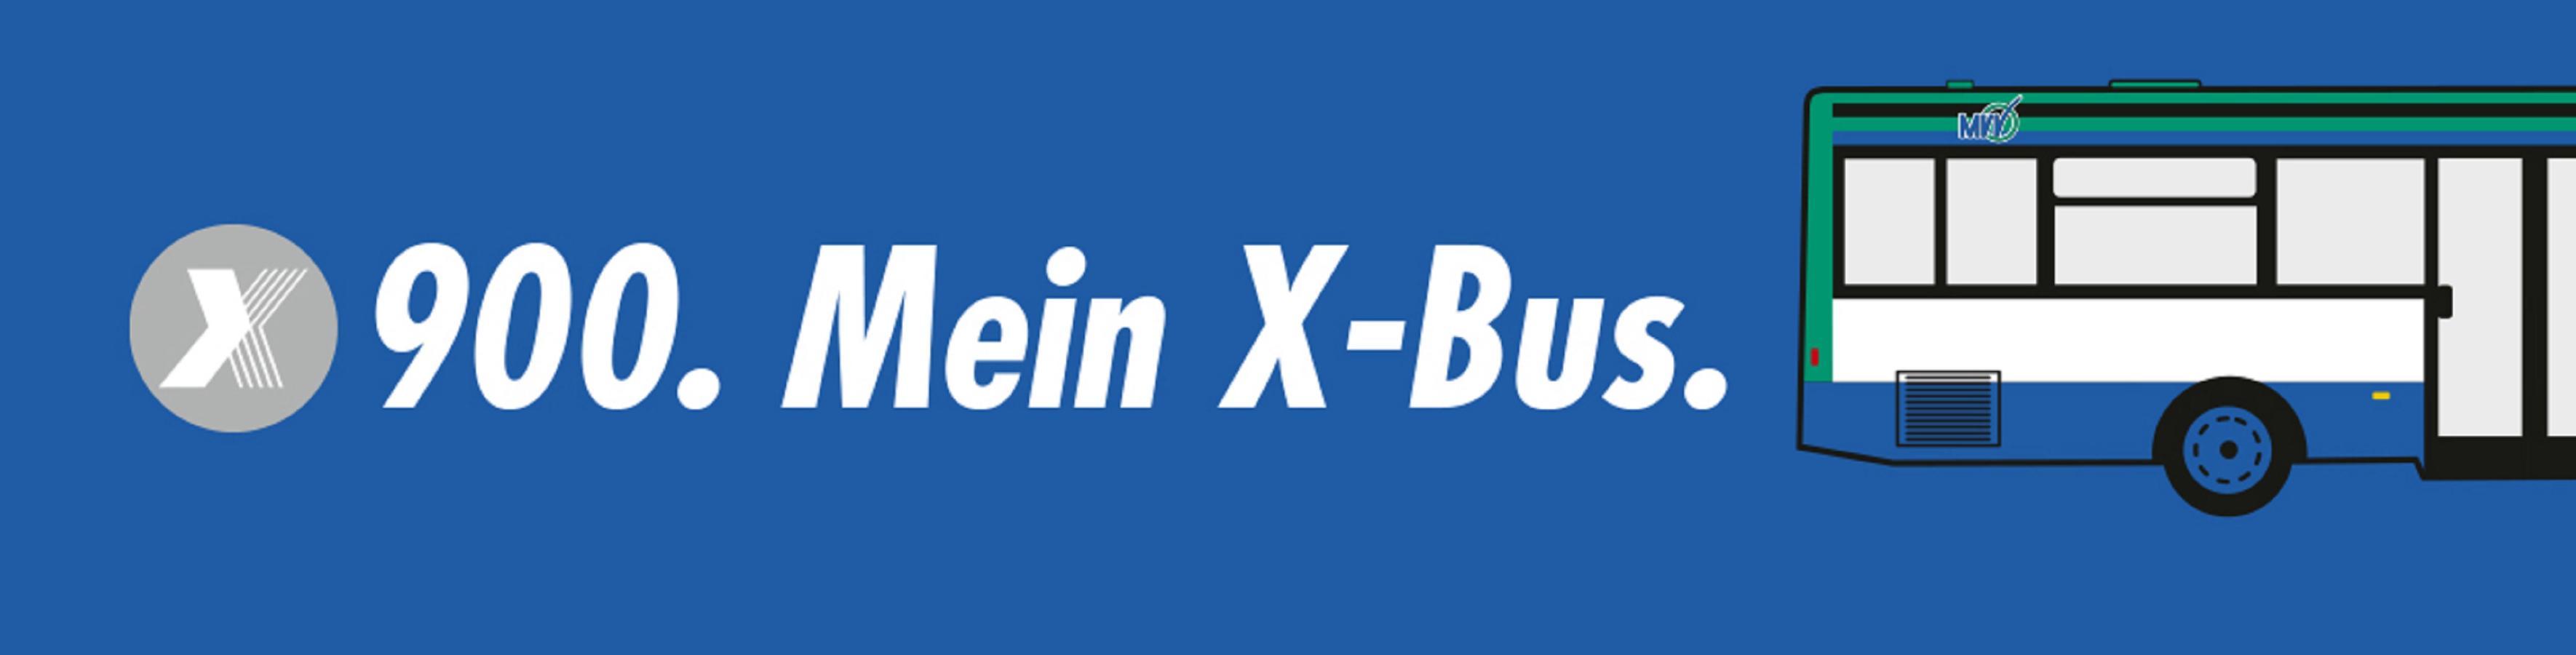 Buslinie X900 - Xpressbuslinie